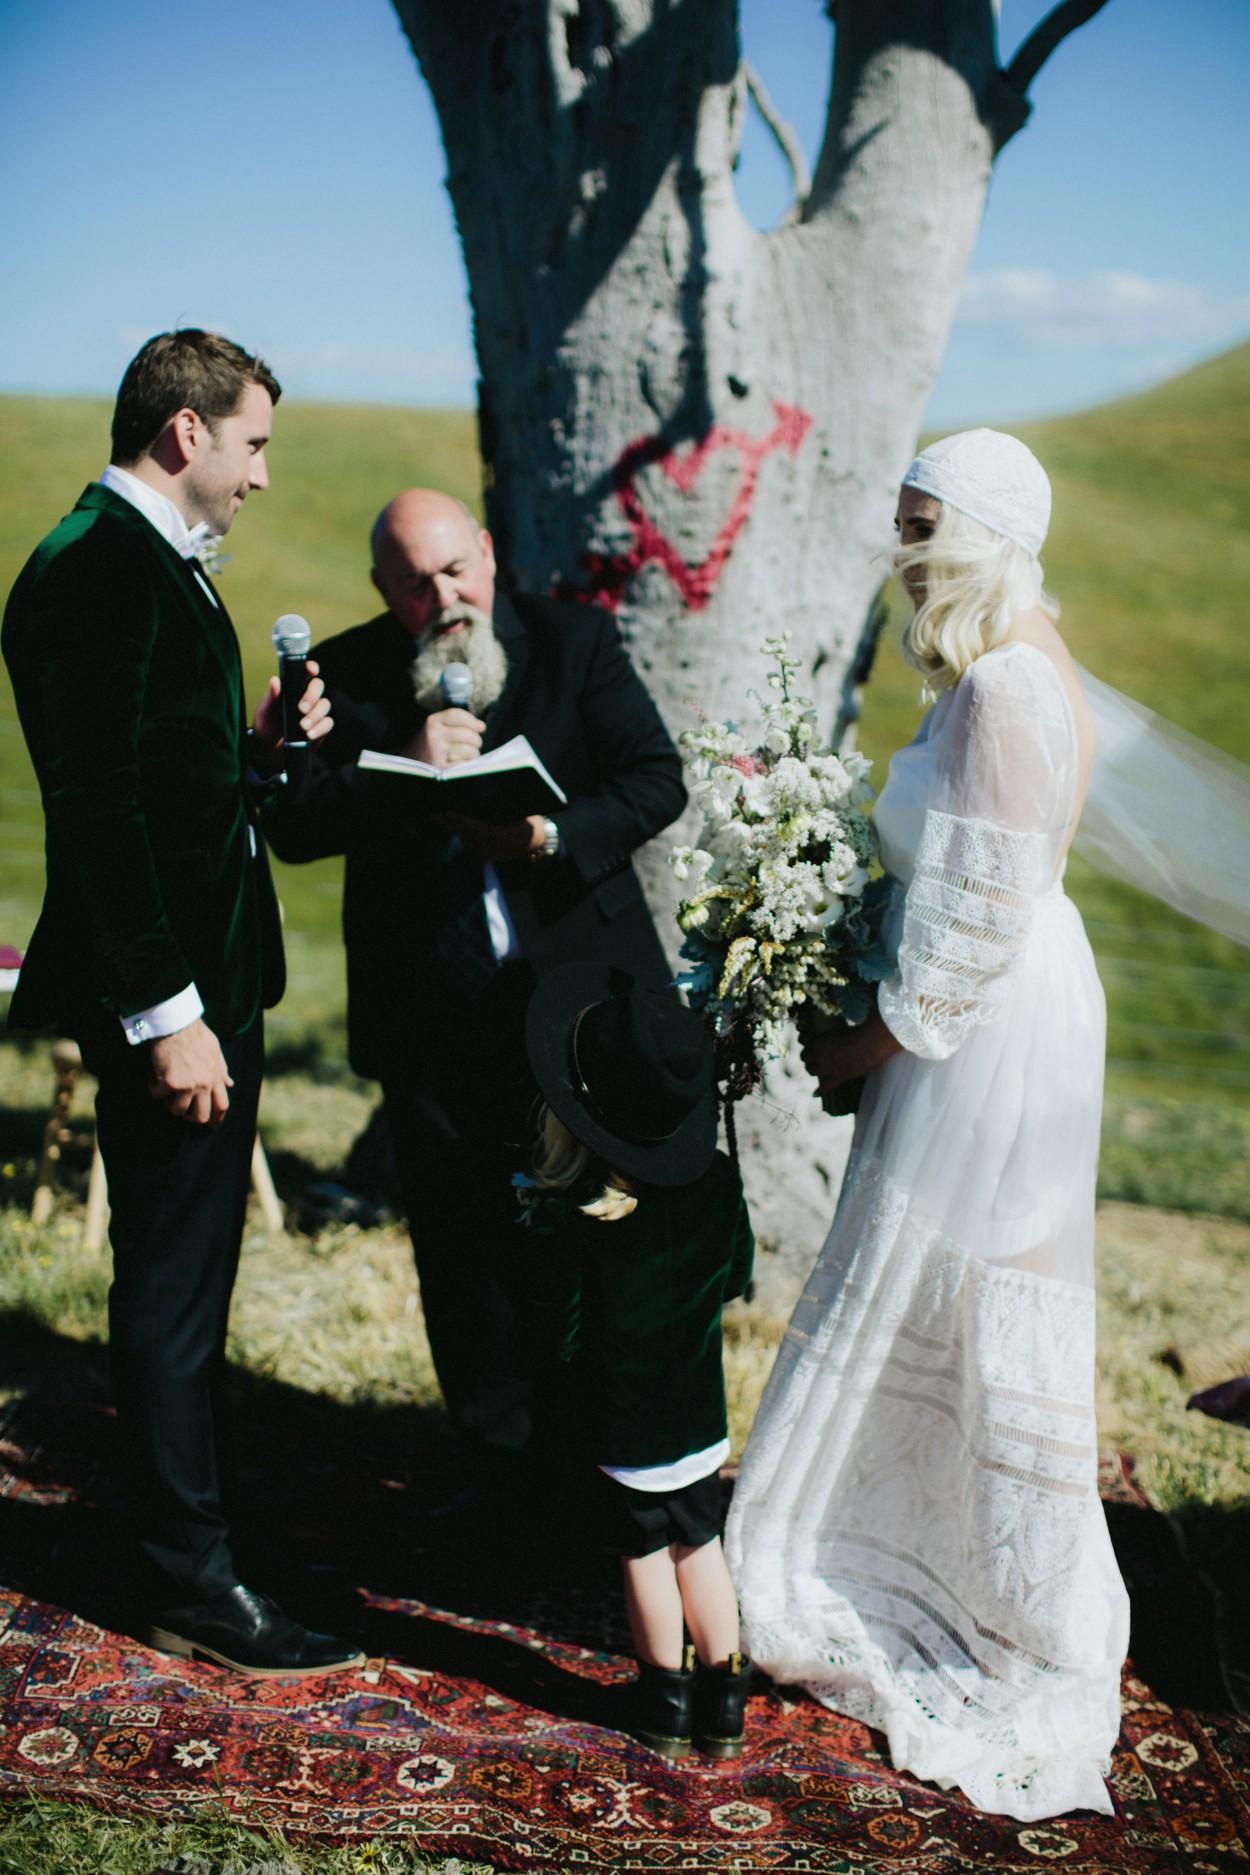 I-Got-You-Babe-Weddings-Farm-Wedding-Emma-Tim109.jpg